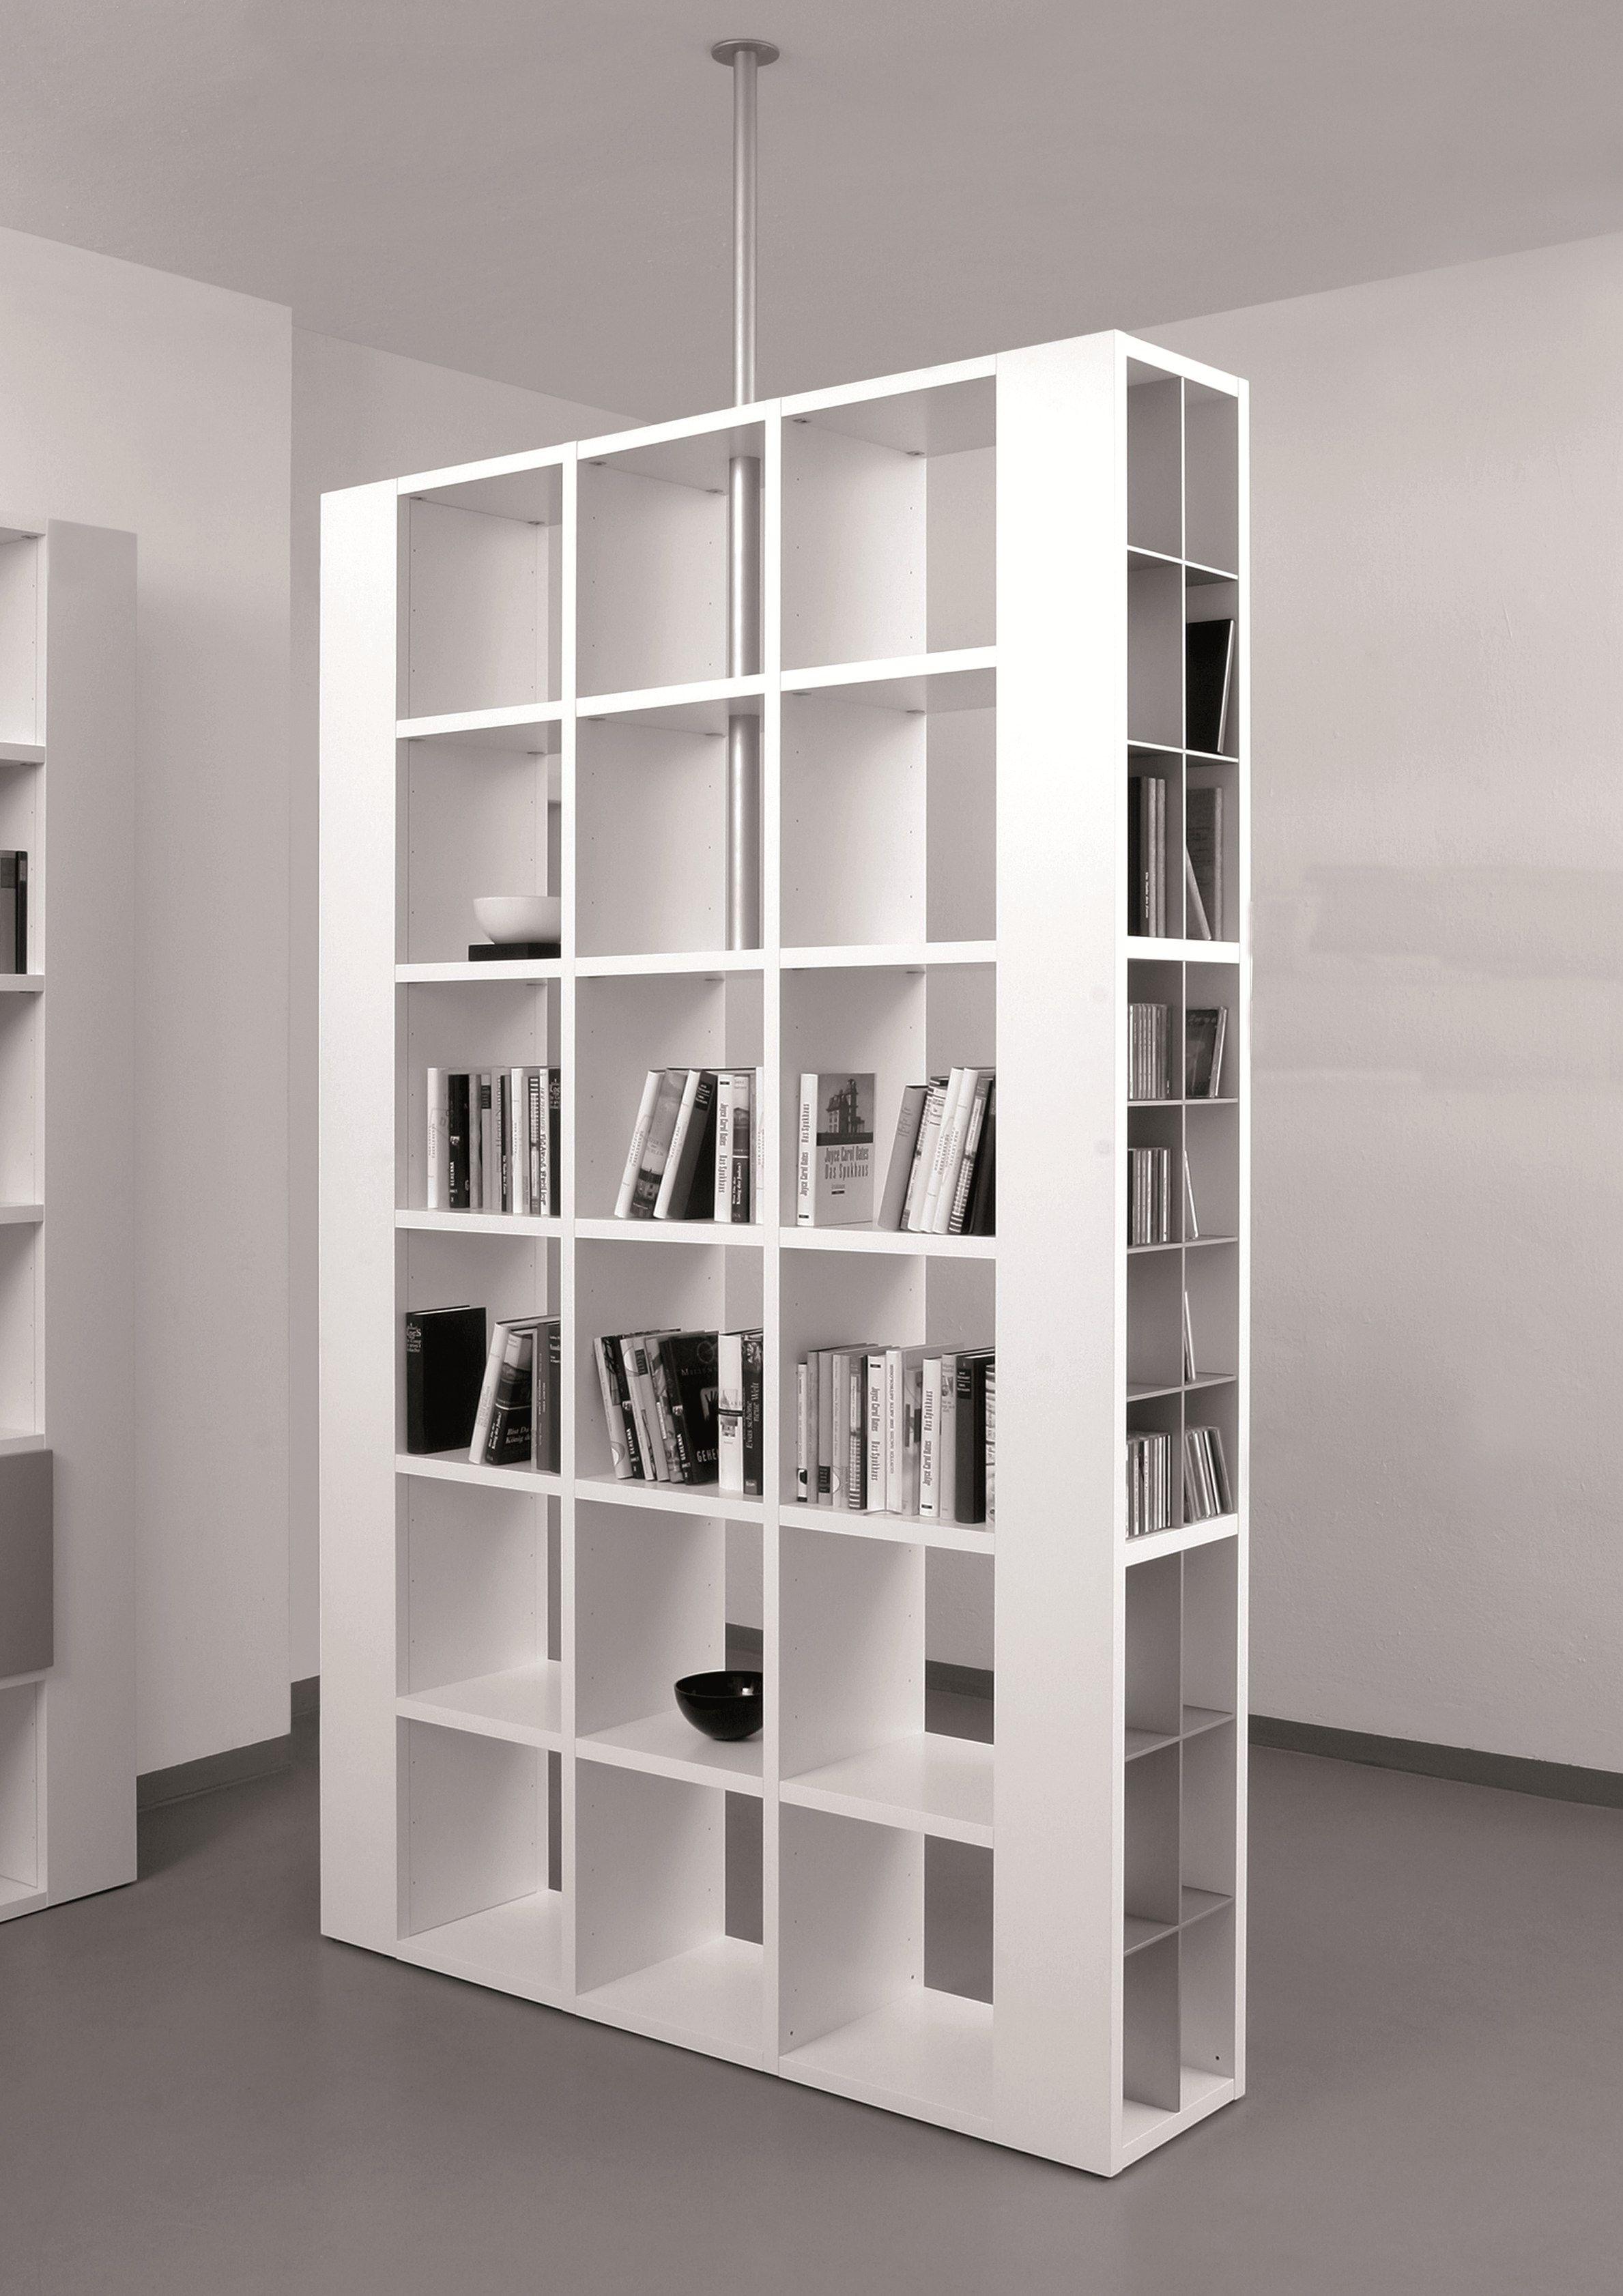 libreria bifacciale divisoria - Cerca con Google | Bookcase ...